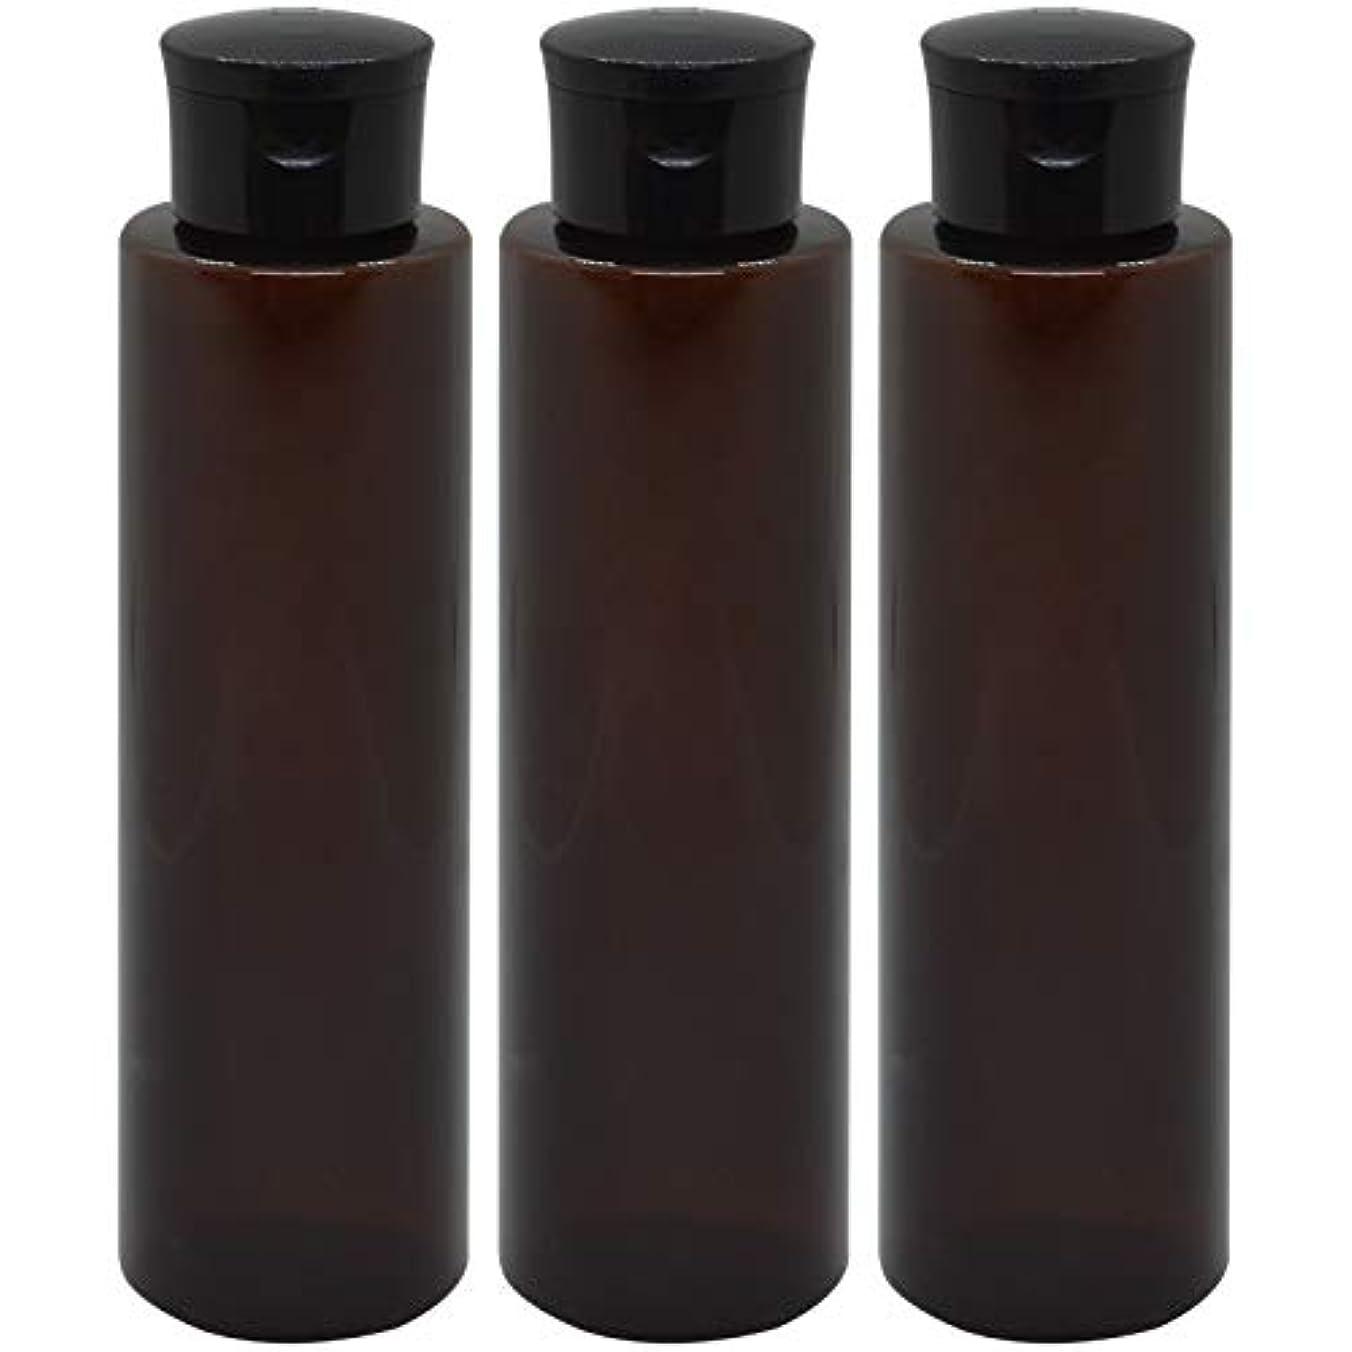 参照するレザー朝日本製 化粧品詰め替えボトル 茶色 200ml 3本セット ワンタッチキャップペットボトル クリアブラウン